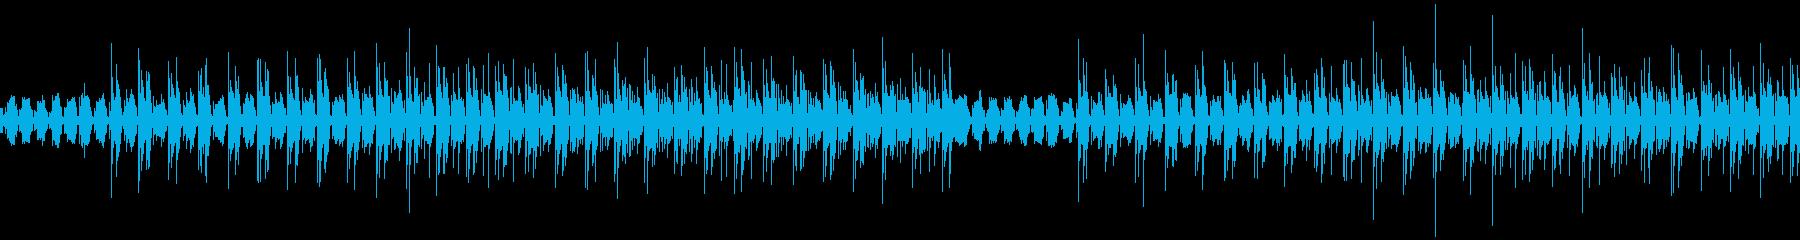 脱力感のあるピアノと電子音(ループ対応)の再生済みの波形